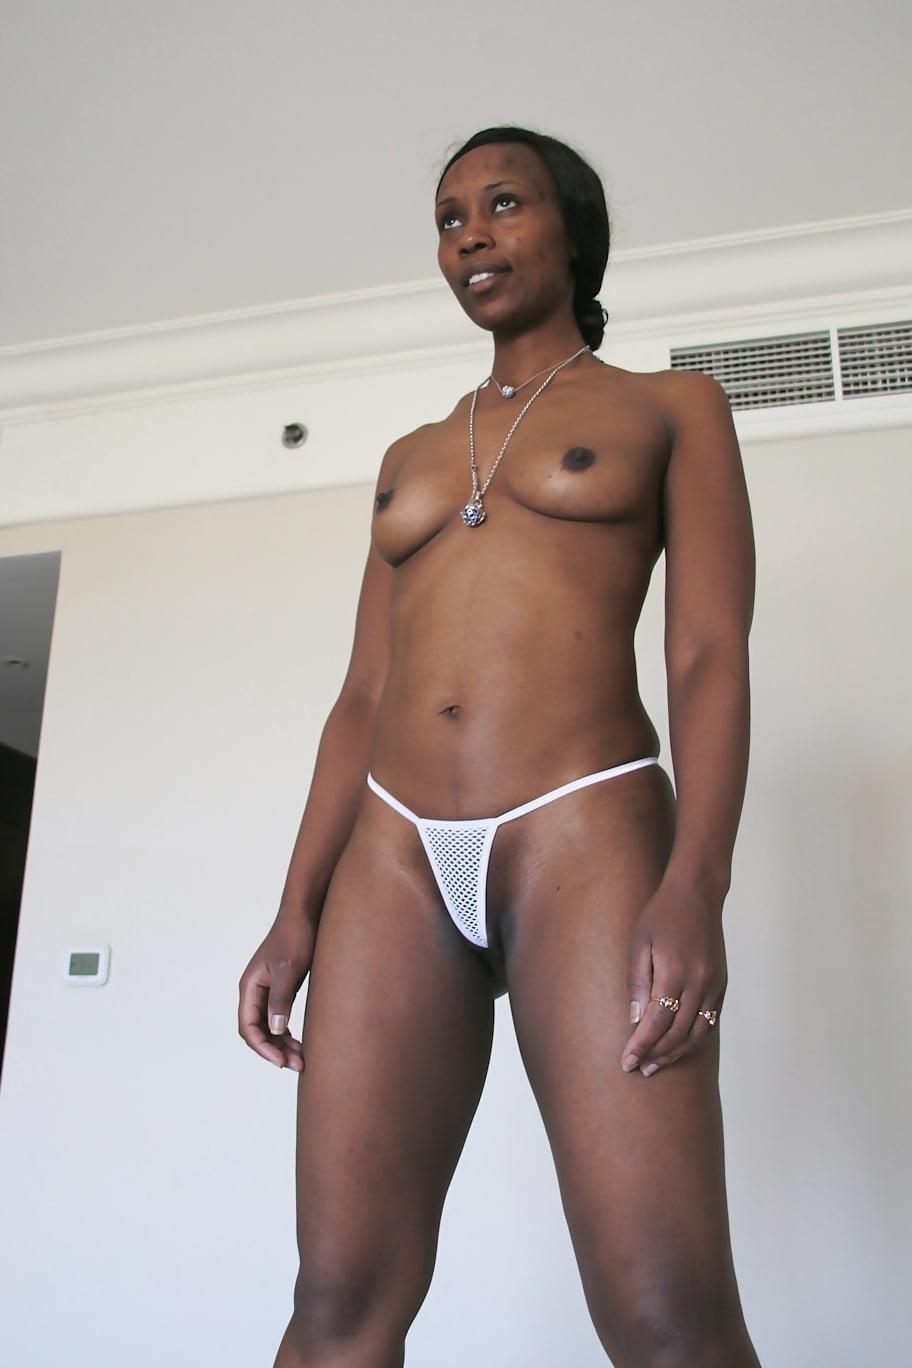 Interracial blowjob porn pics-8823